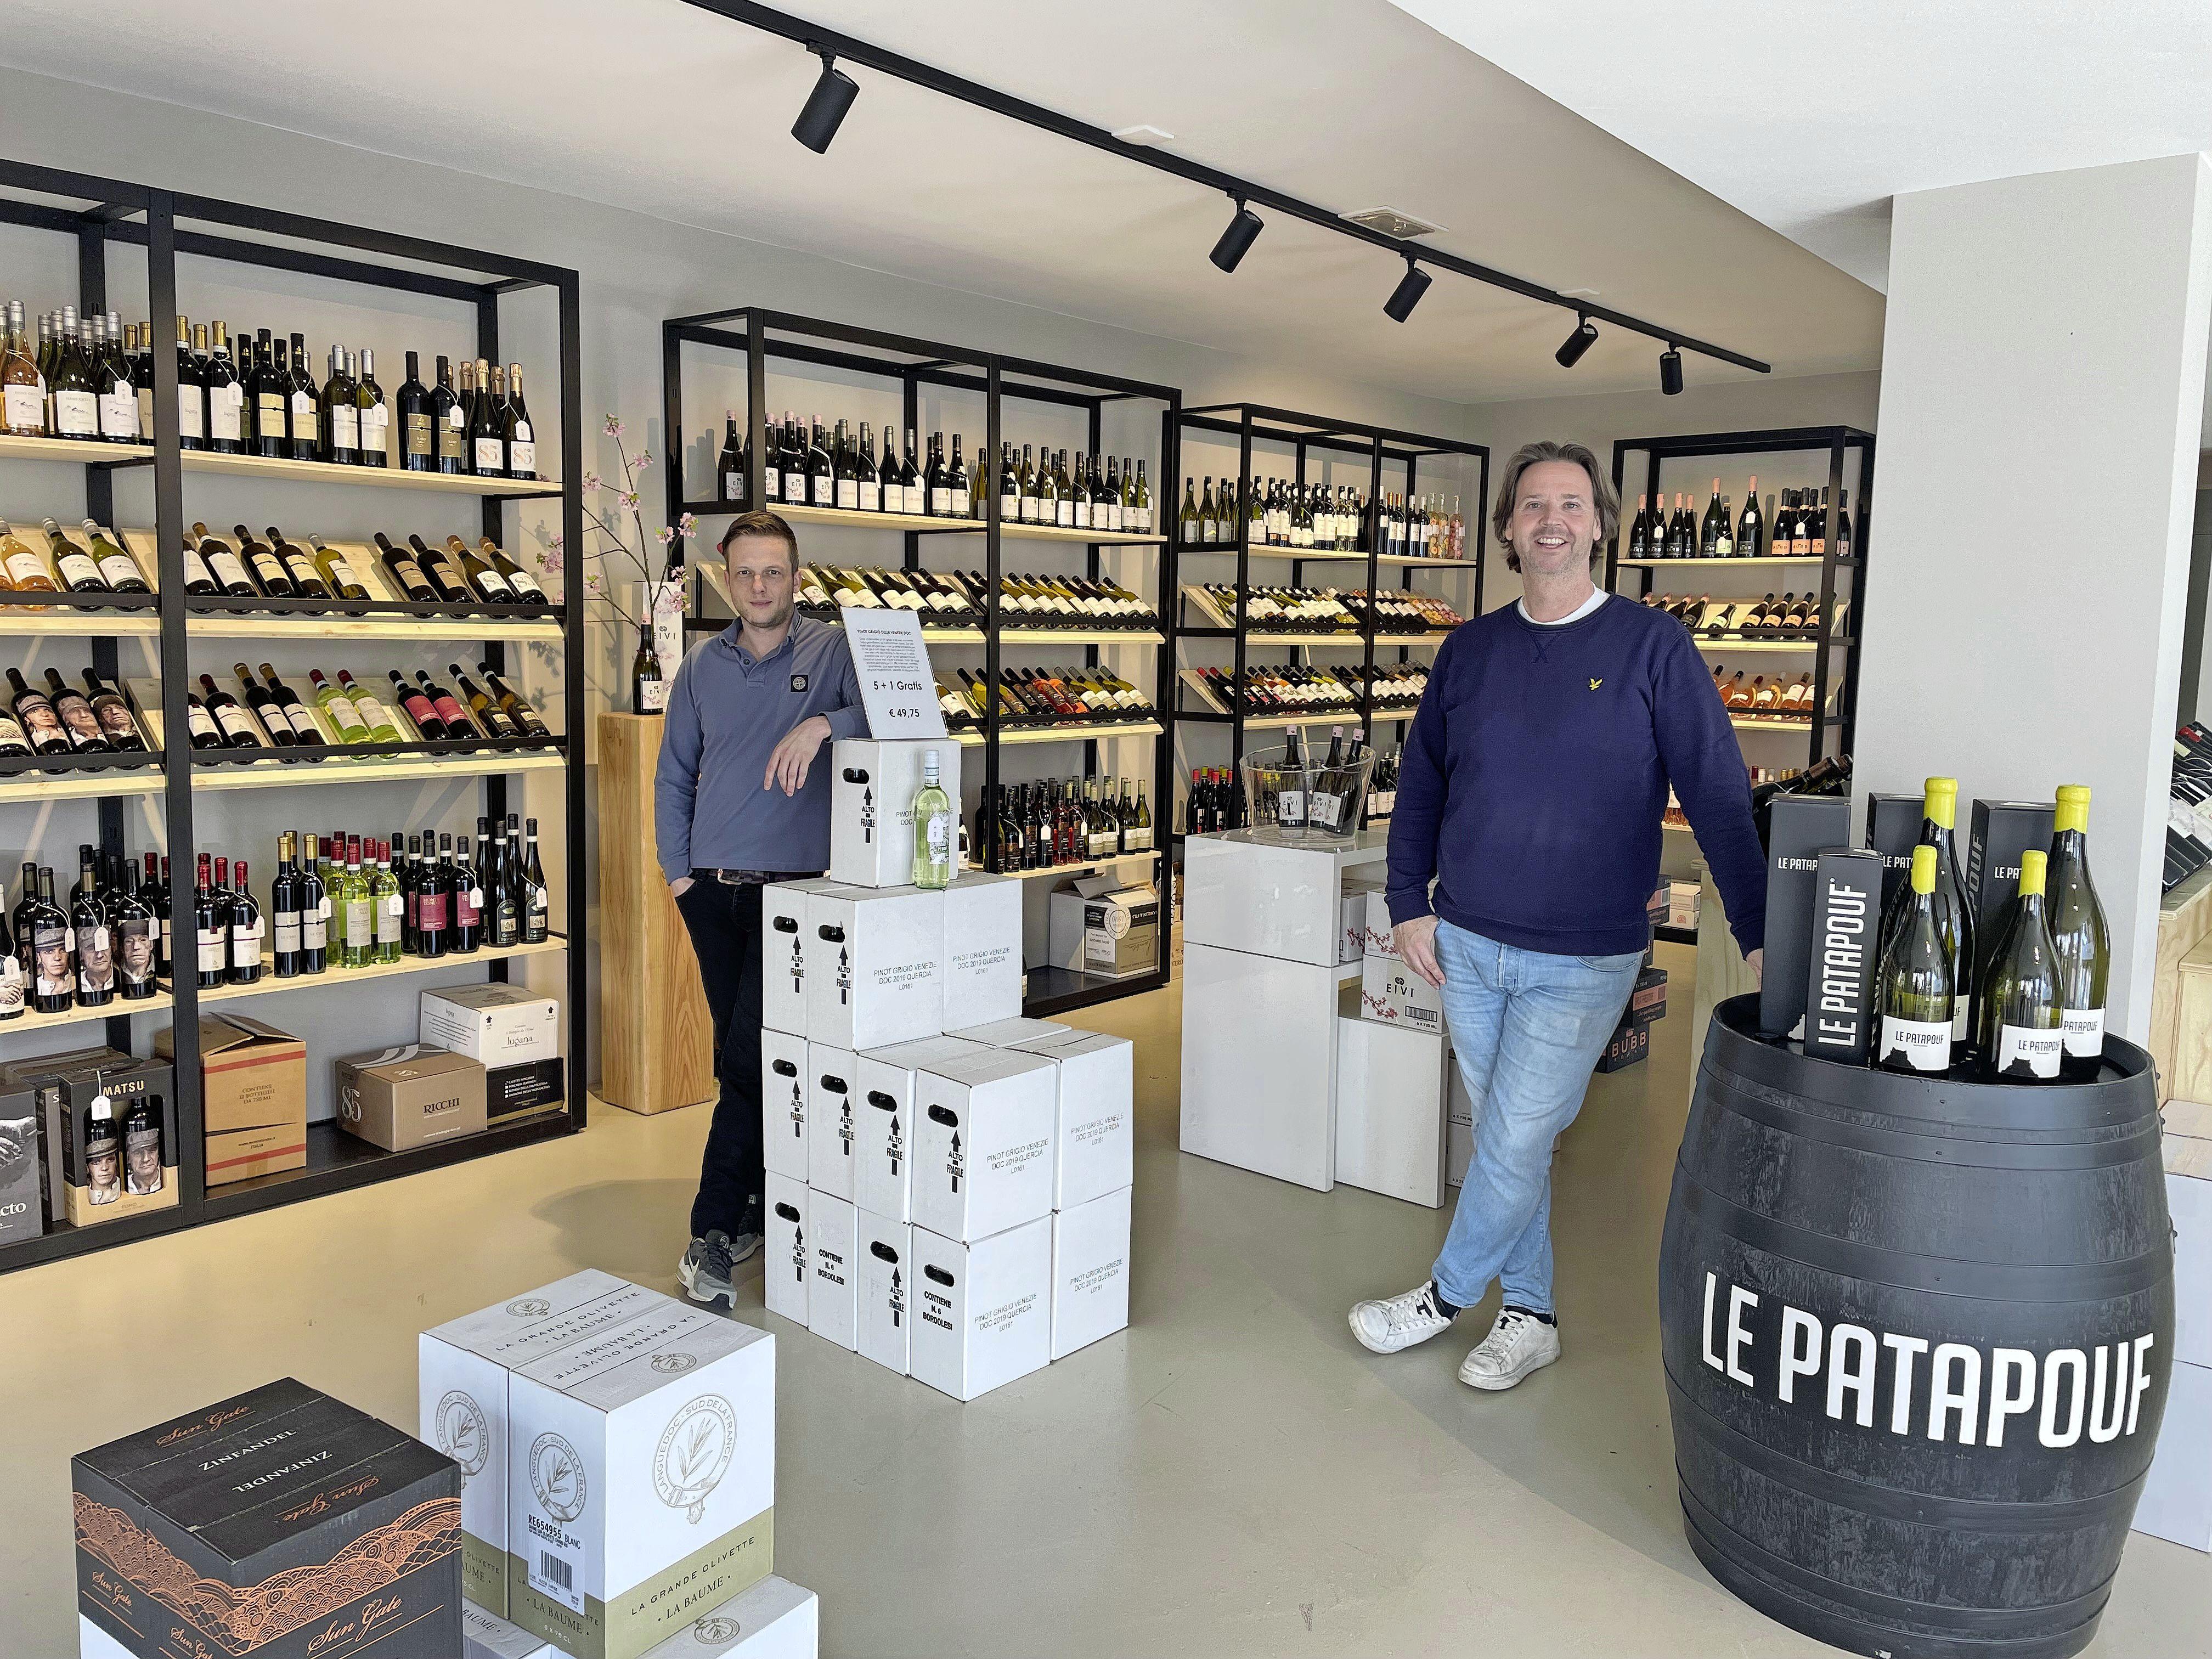 Shoppen: Drie mannen openen nieuwe wijnwinkel in de boodschappenstraat van Leiden